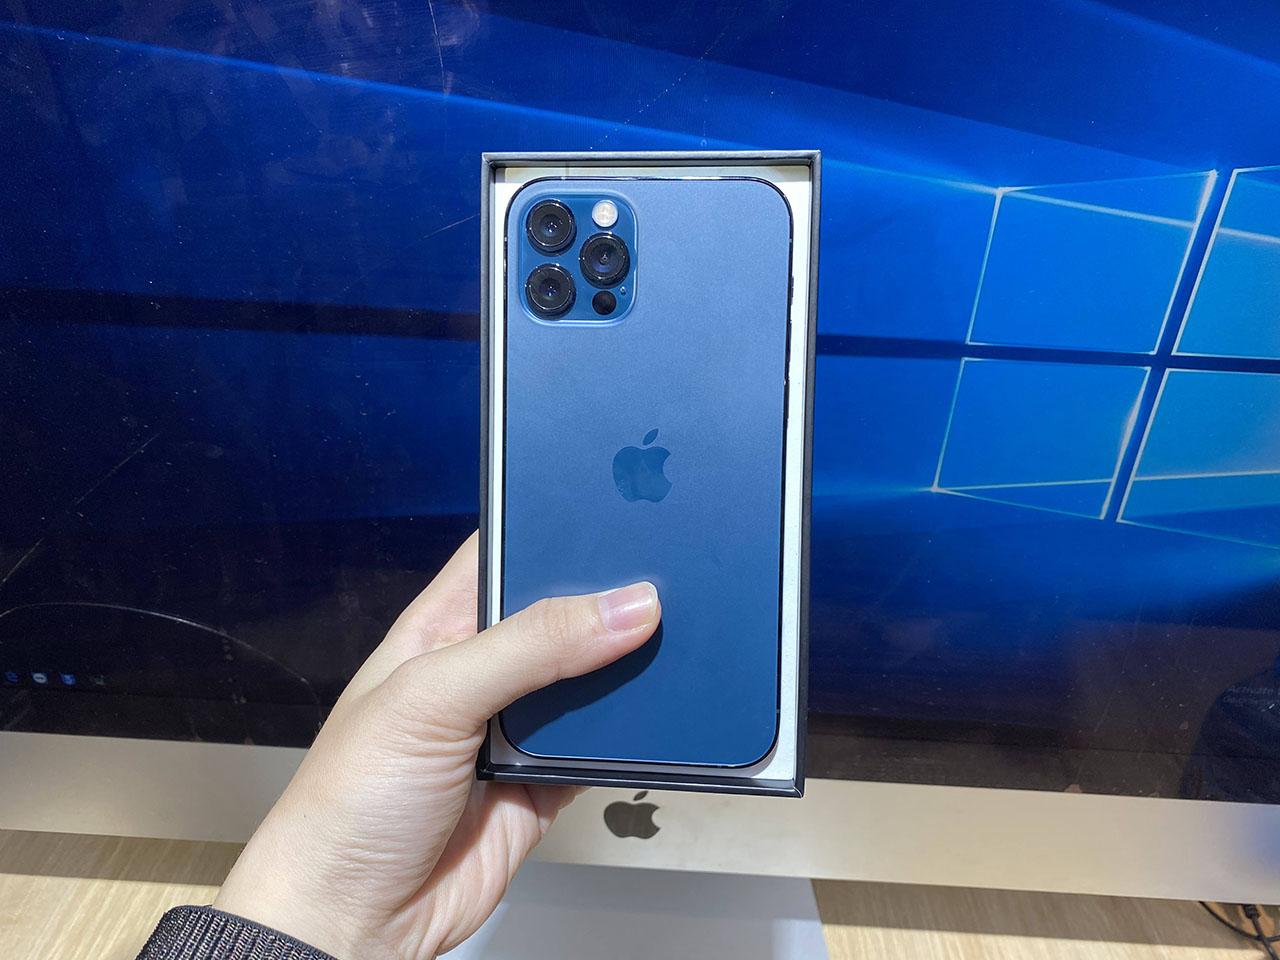 Bên trong hộp đựng là iPhone 12 Pro màu xám xanh